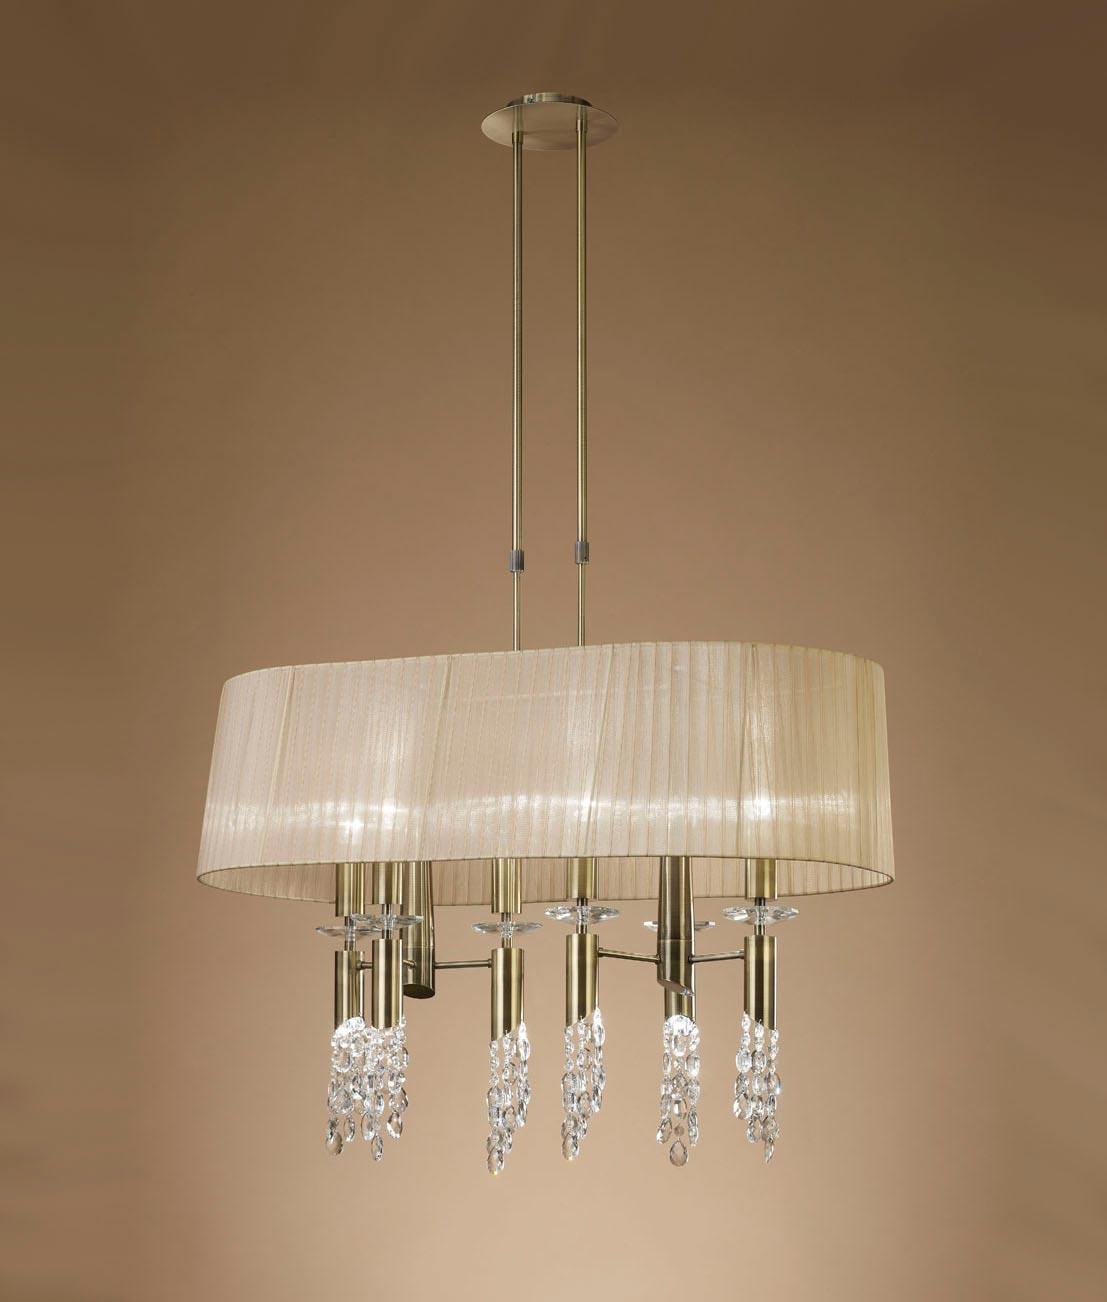 Lámpara cuero pantalla TIFFANY 6+6 luces